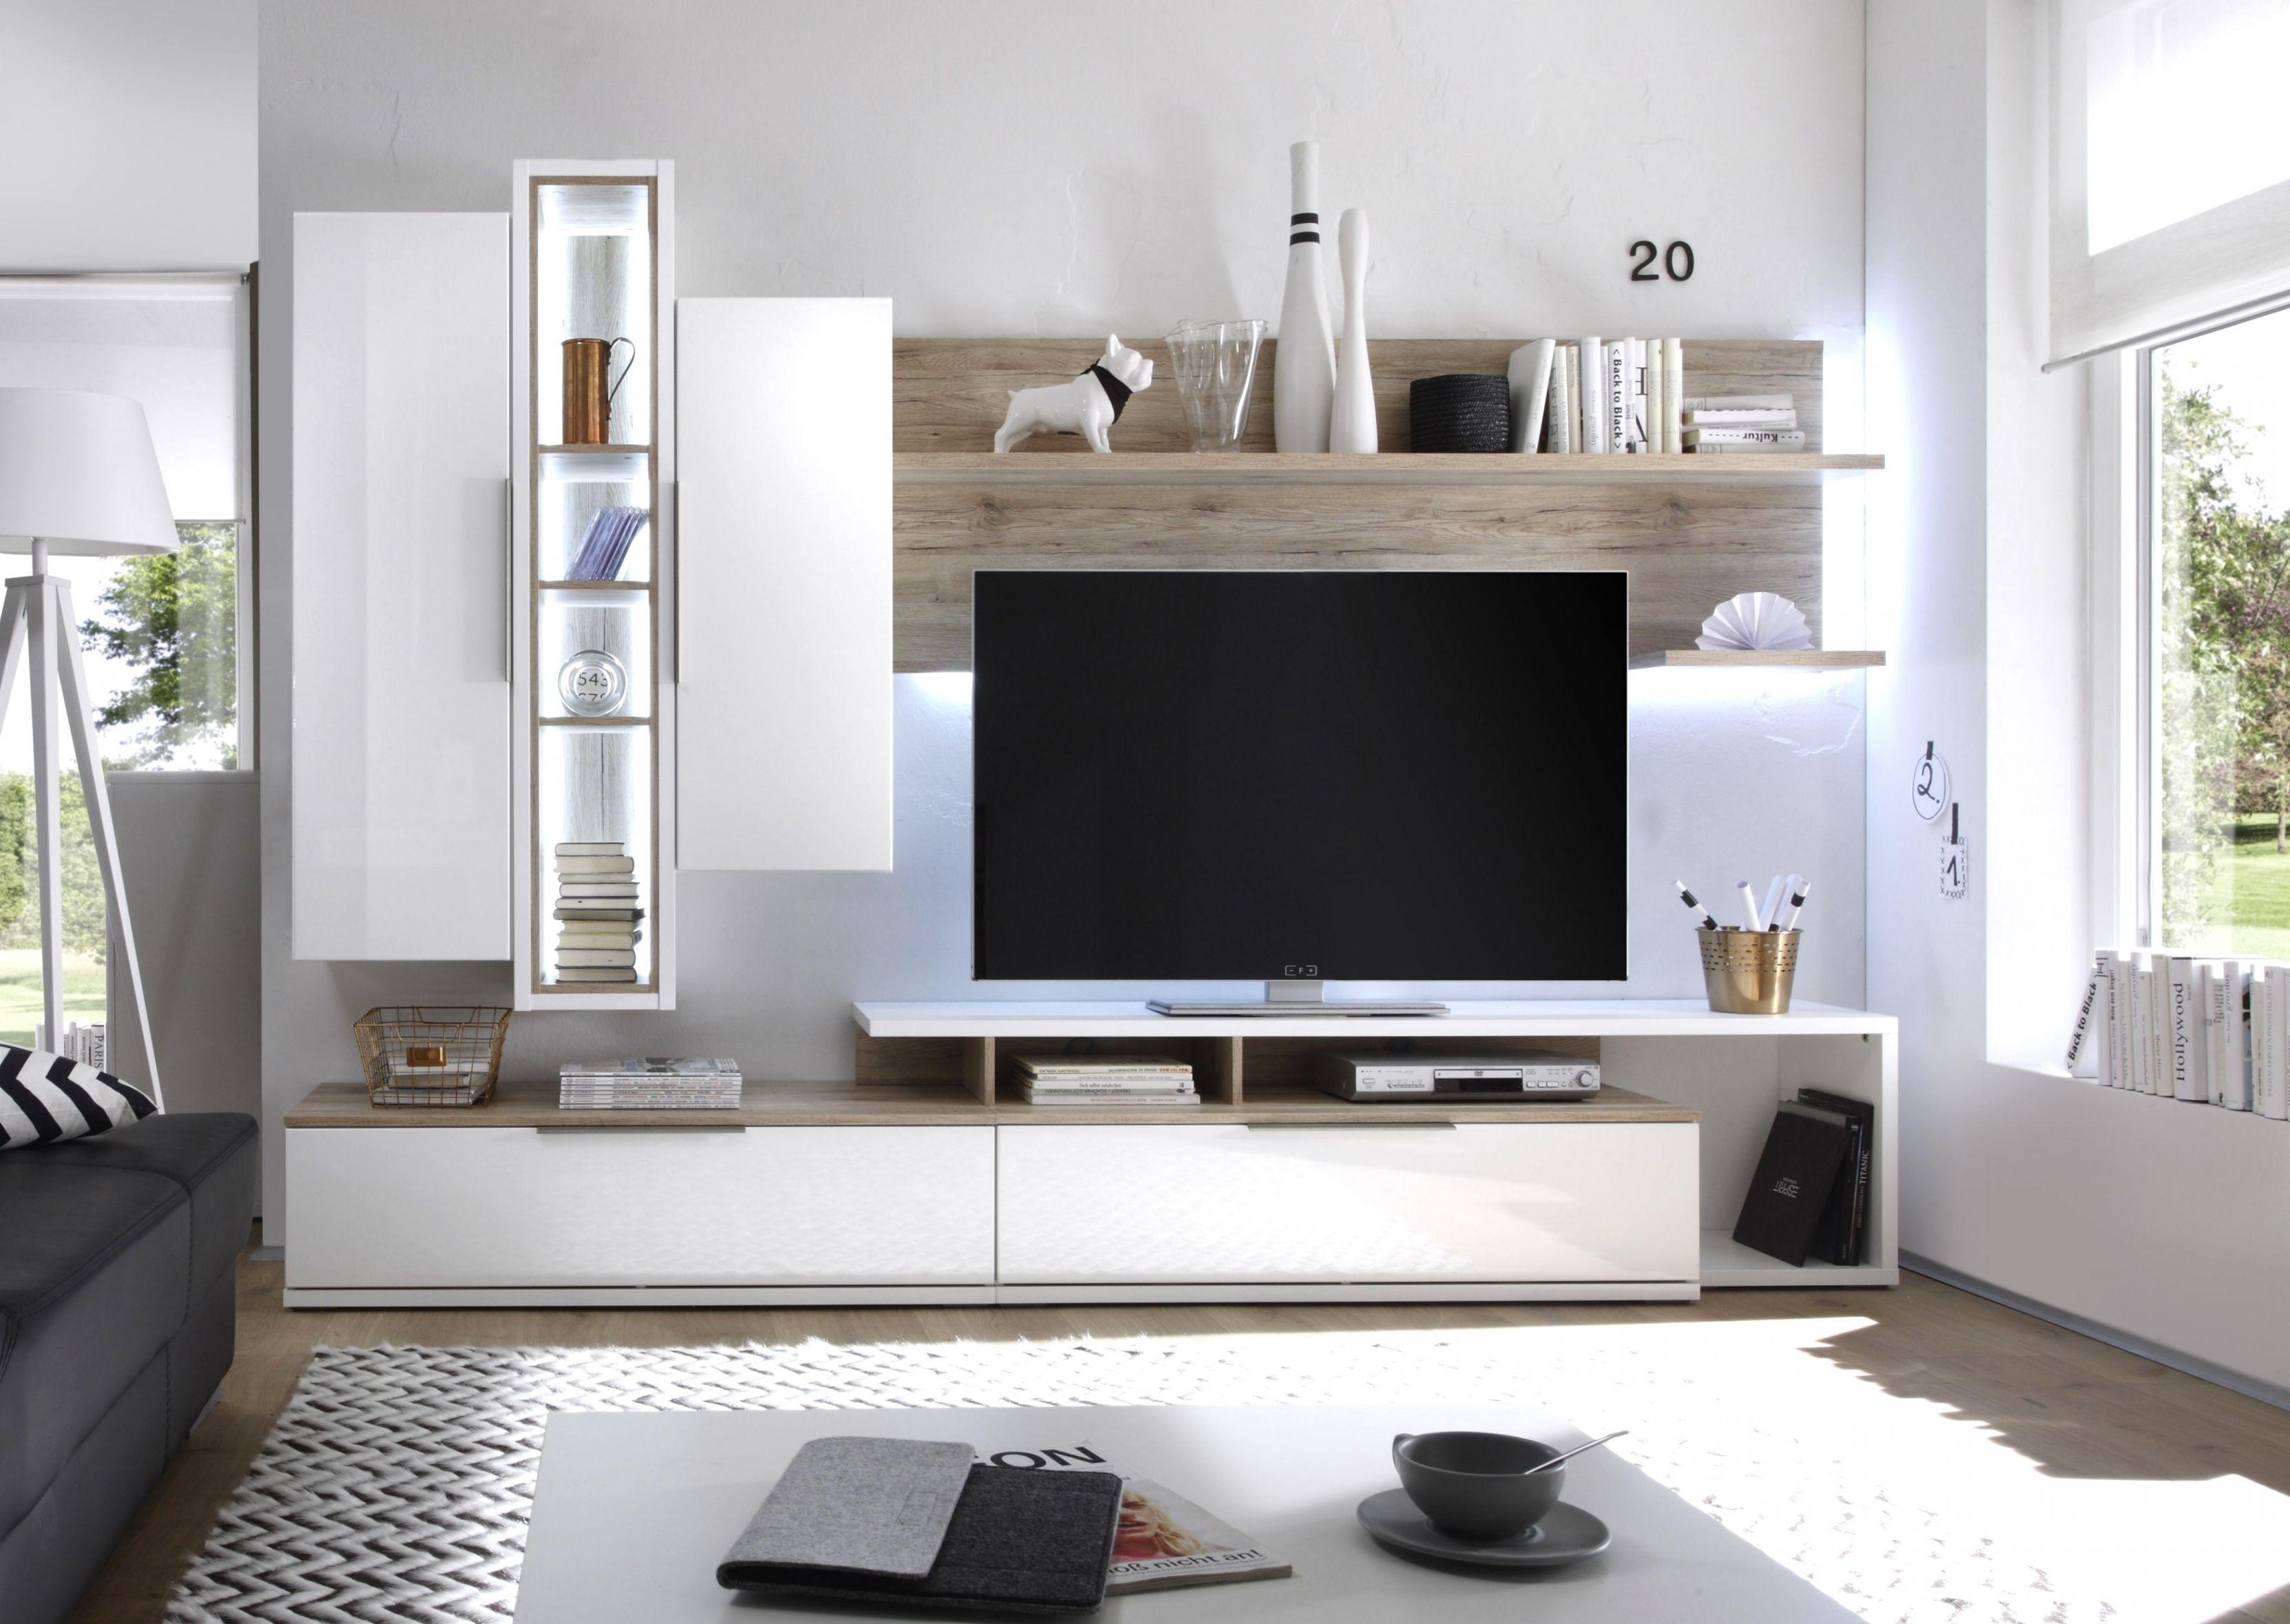 Brillant Wohnzimmermöbel Online   Wohnzimmermöbel   Pinterest